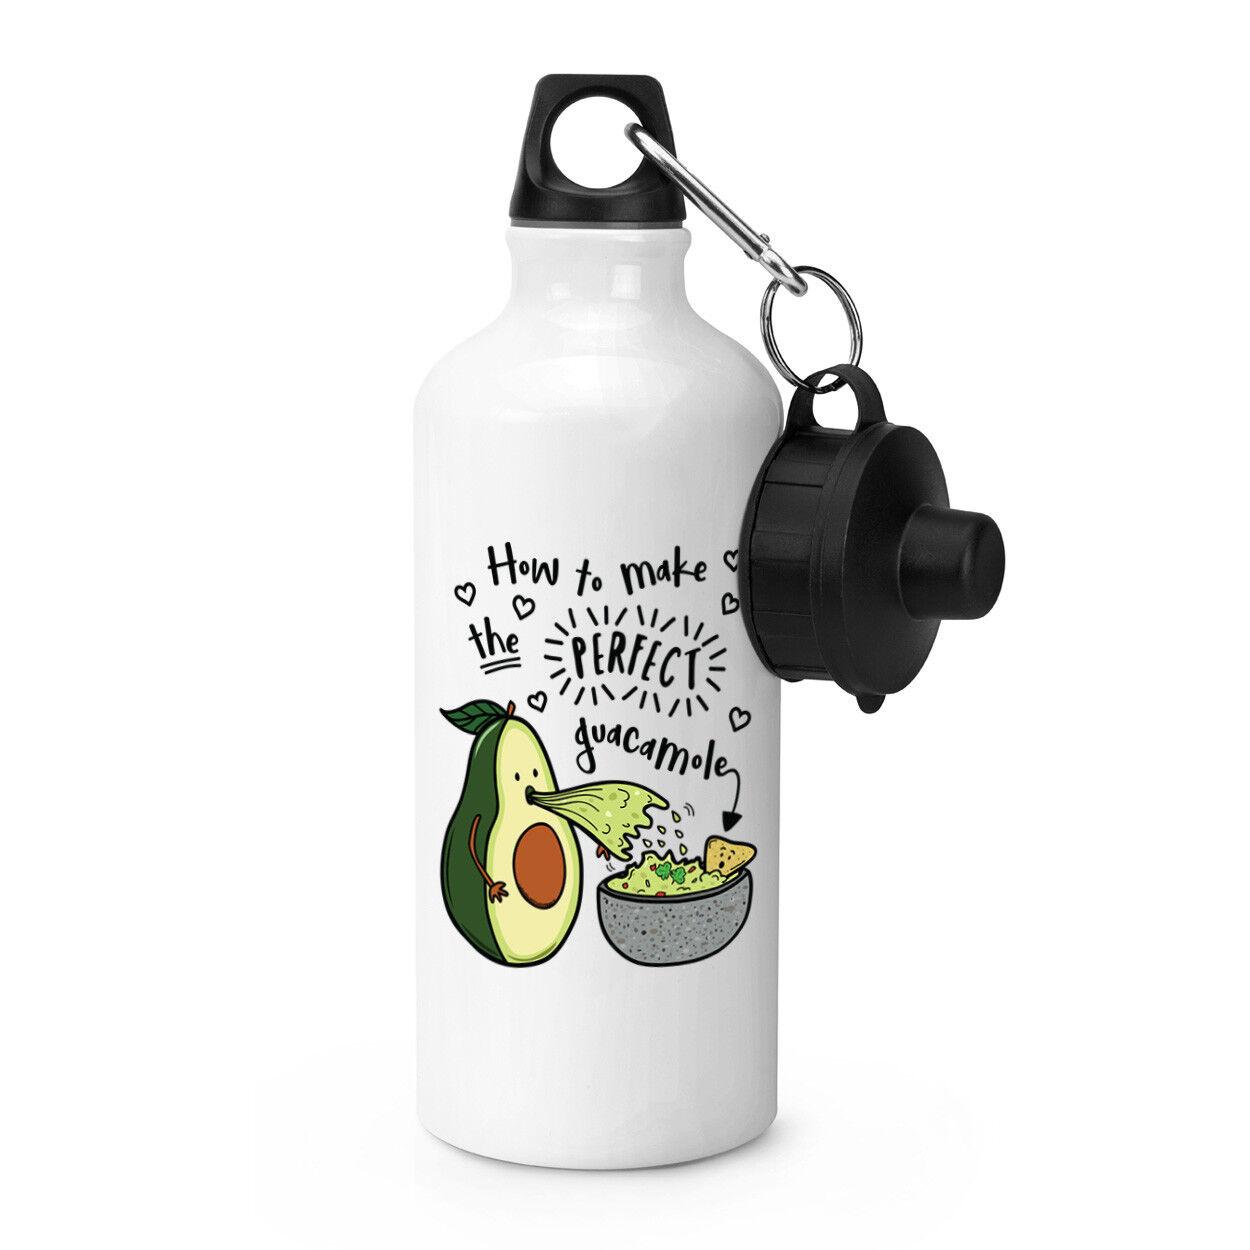 Comment faire le parfait Guacamole Sports boissons boissons boissons bouteille-Drôle d'avocat Blague 241e83